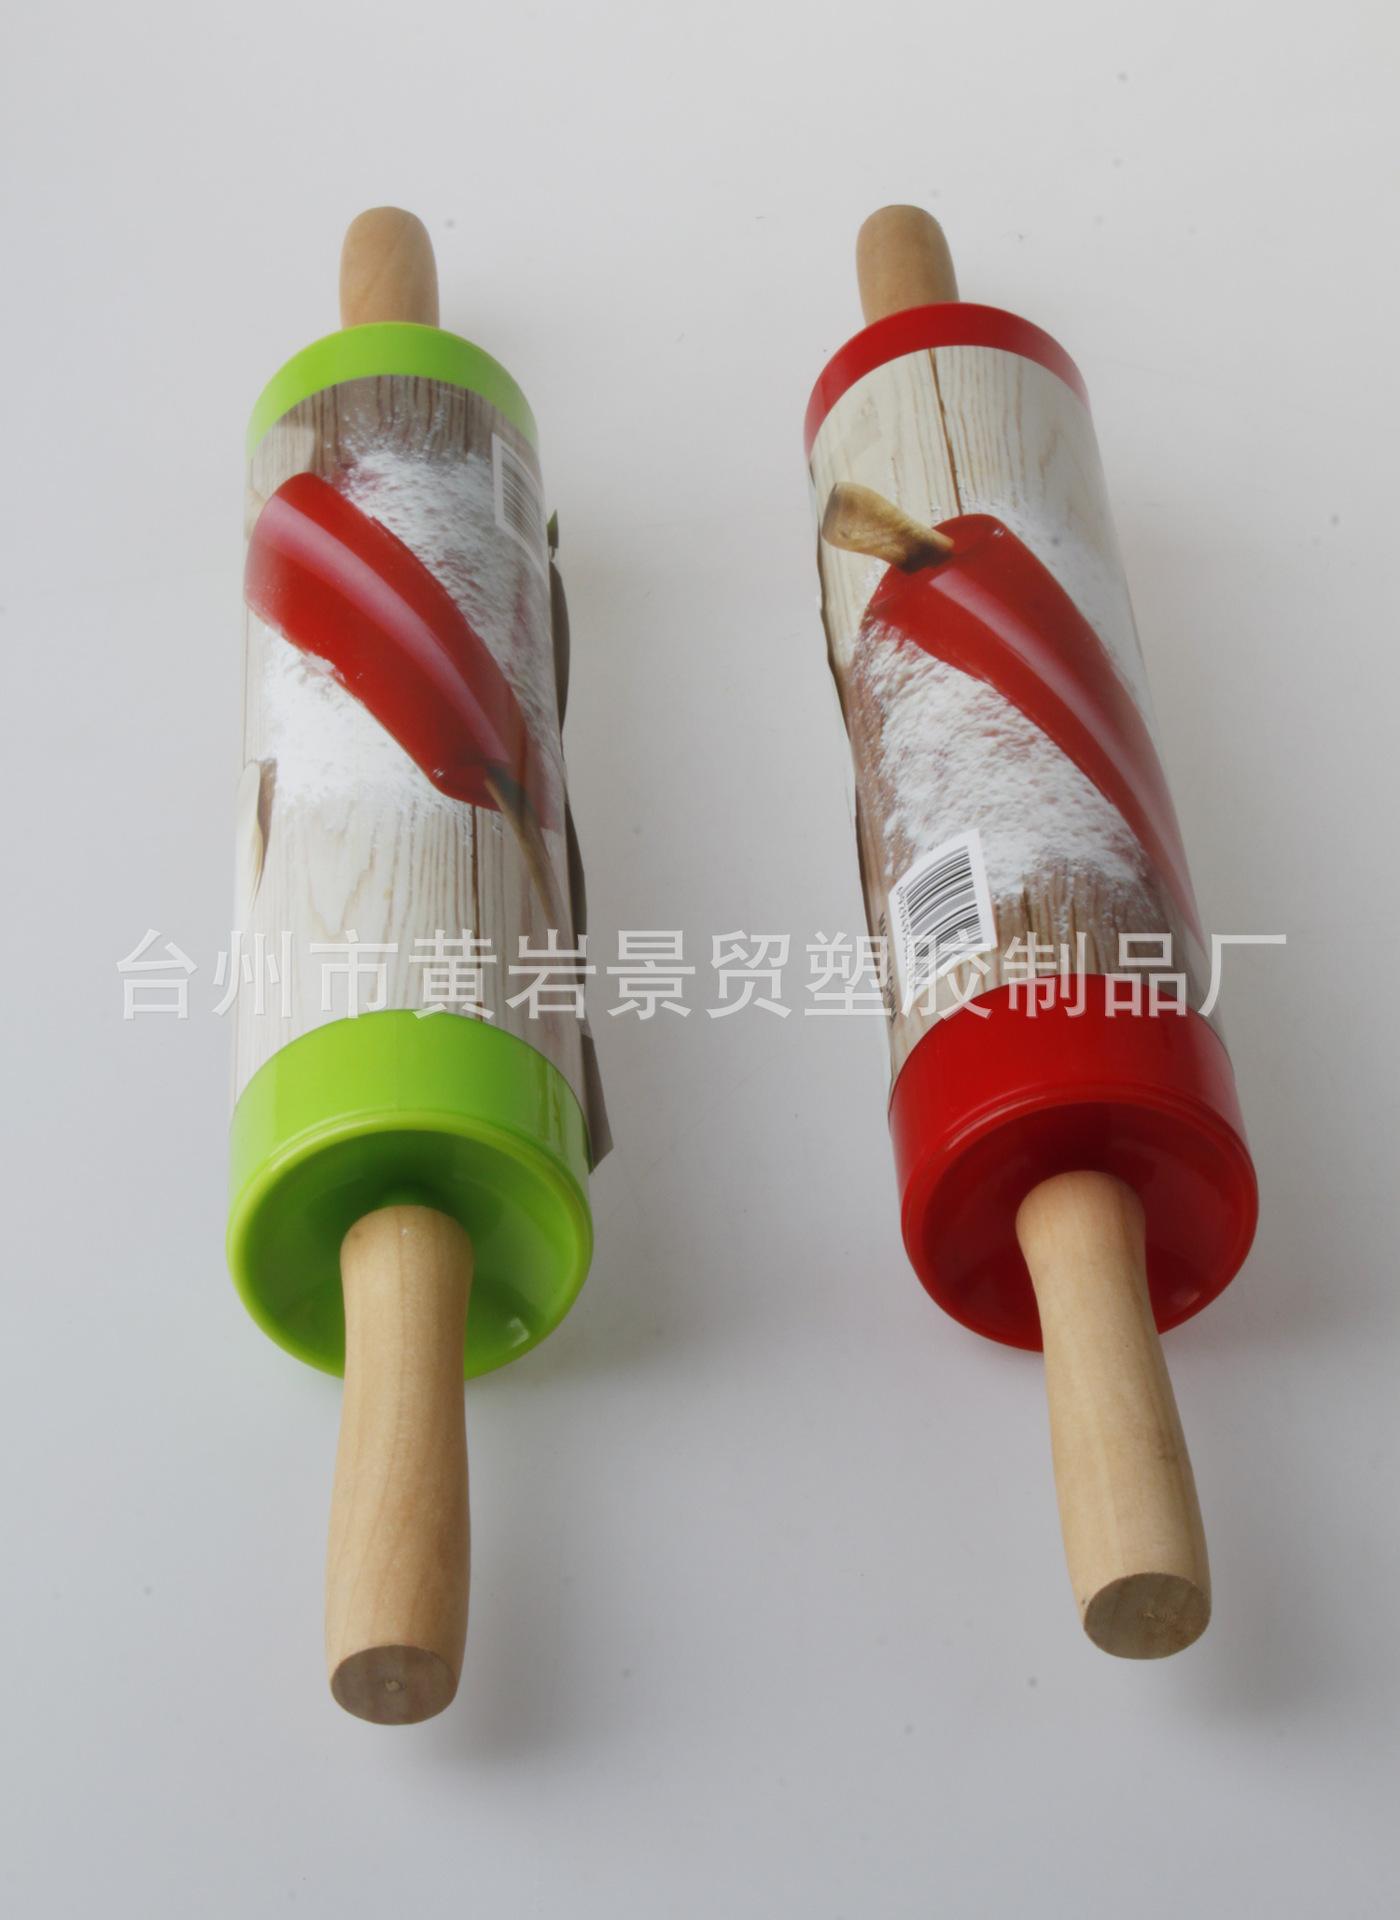 供应塑料擀面杖 擀面棍 压面棍 实木 供烤用品 GMZ-0003